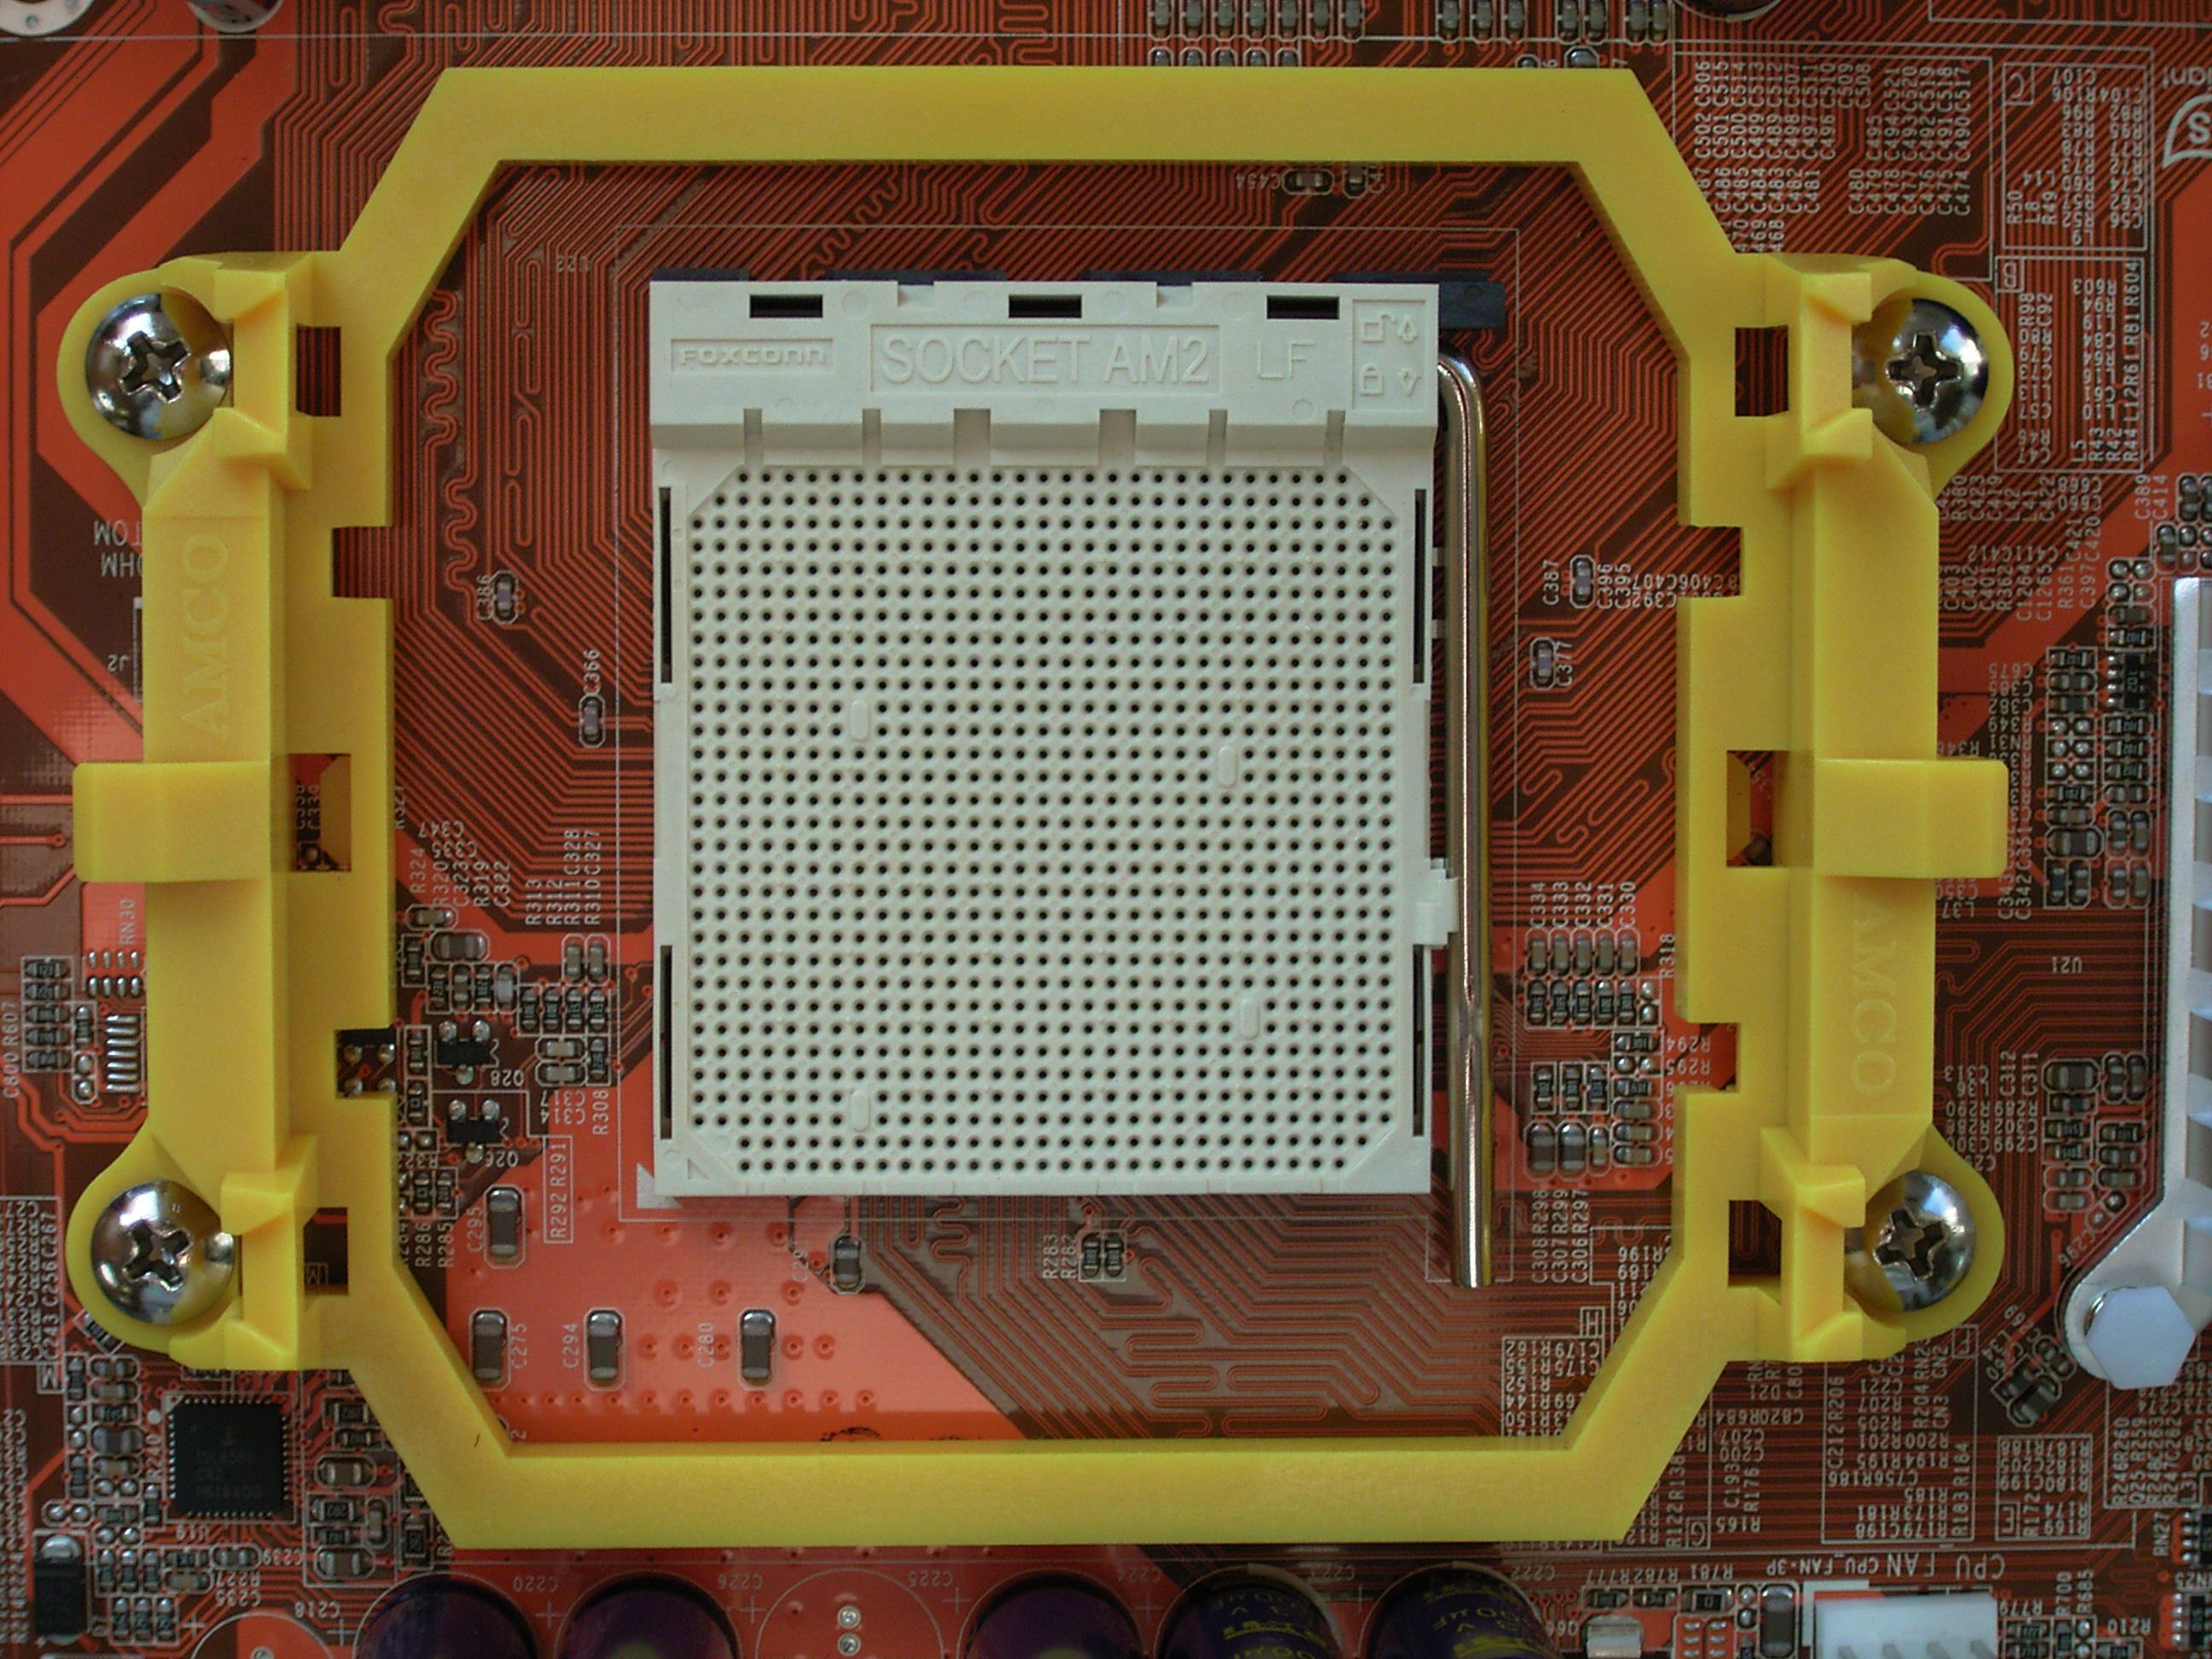 Daftar Harga MotherBoard AMD AM2 Terbaru Februari 2013